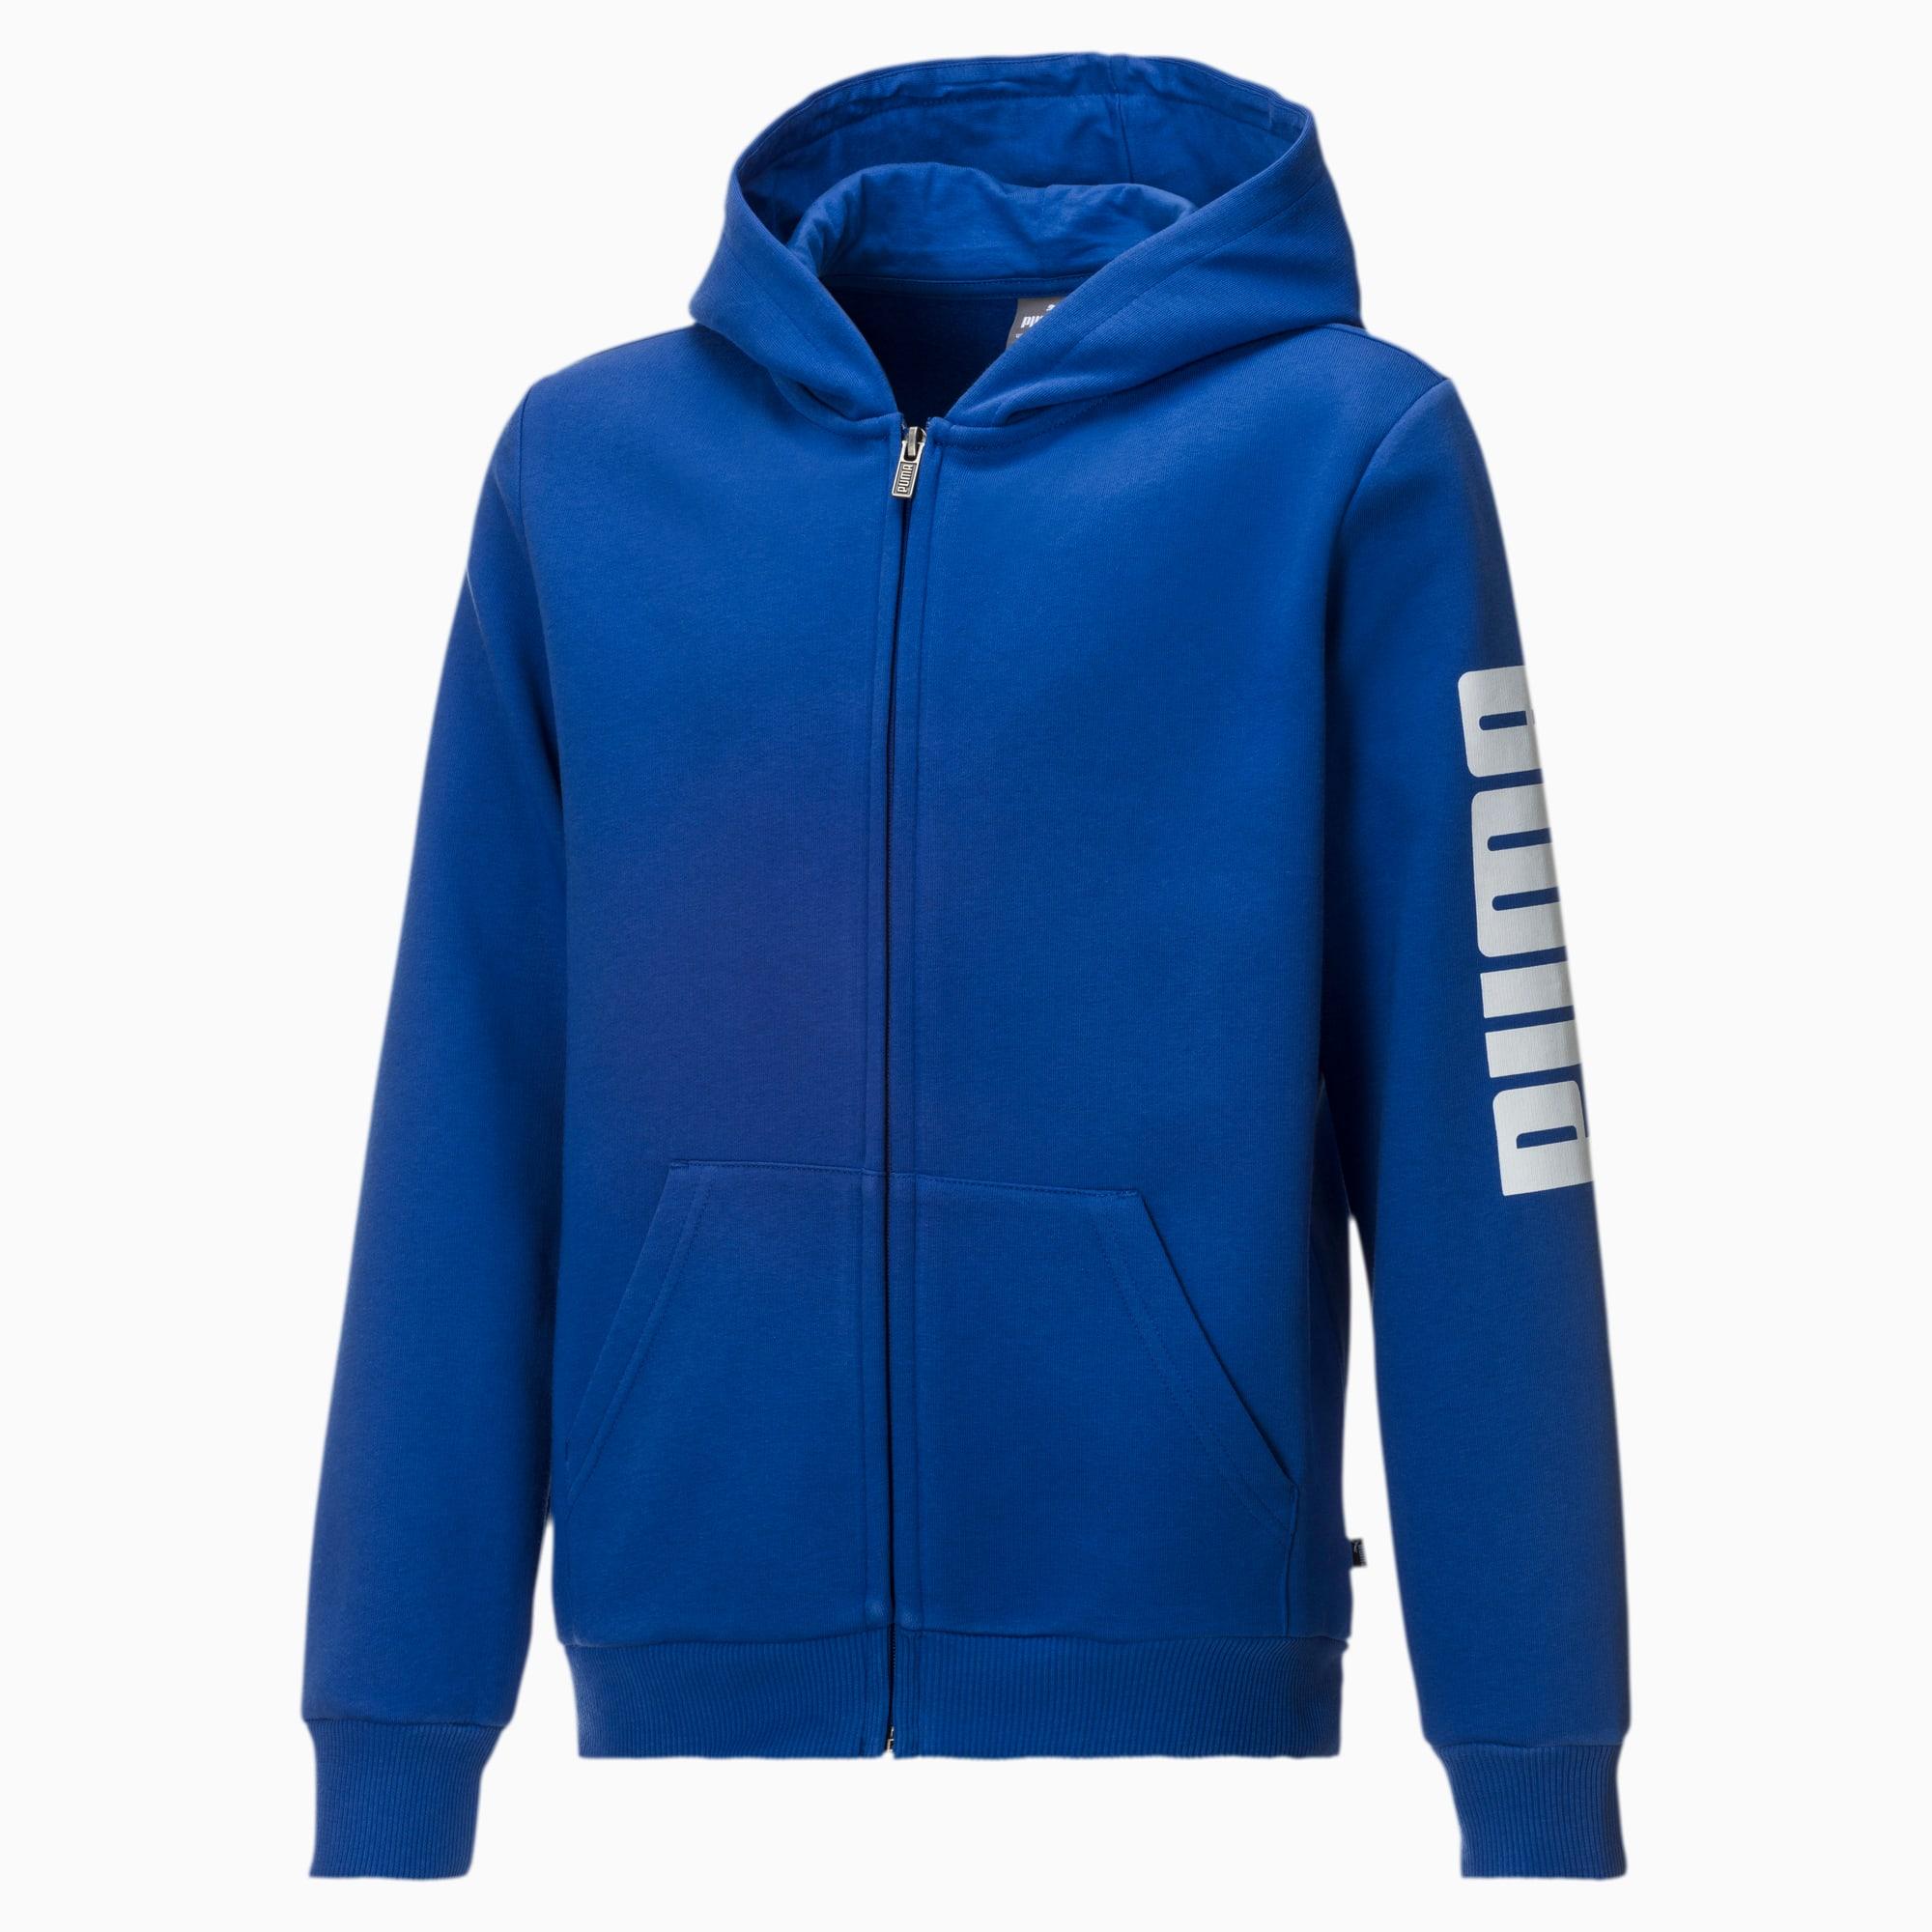 PUMA Blouson en sweat Fleece à capuche pour garçon, Bleu/Blanc, Taille 128, Vêtements